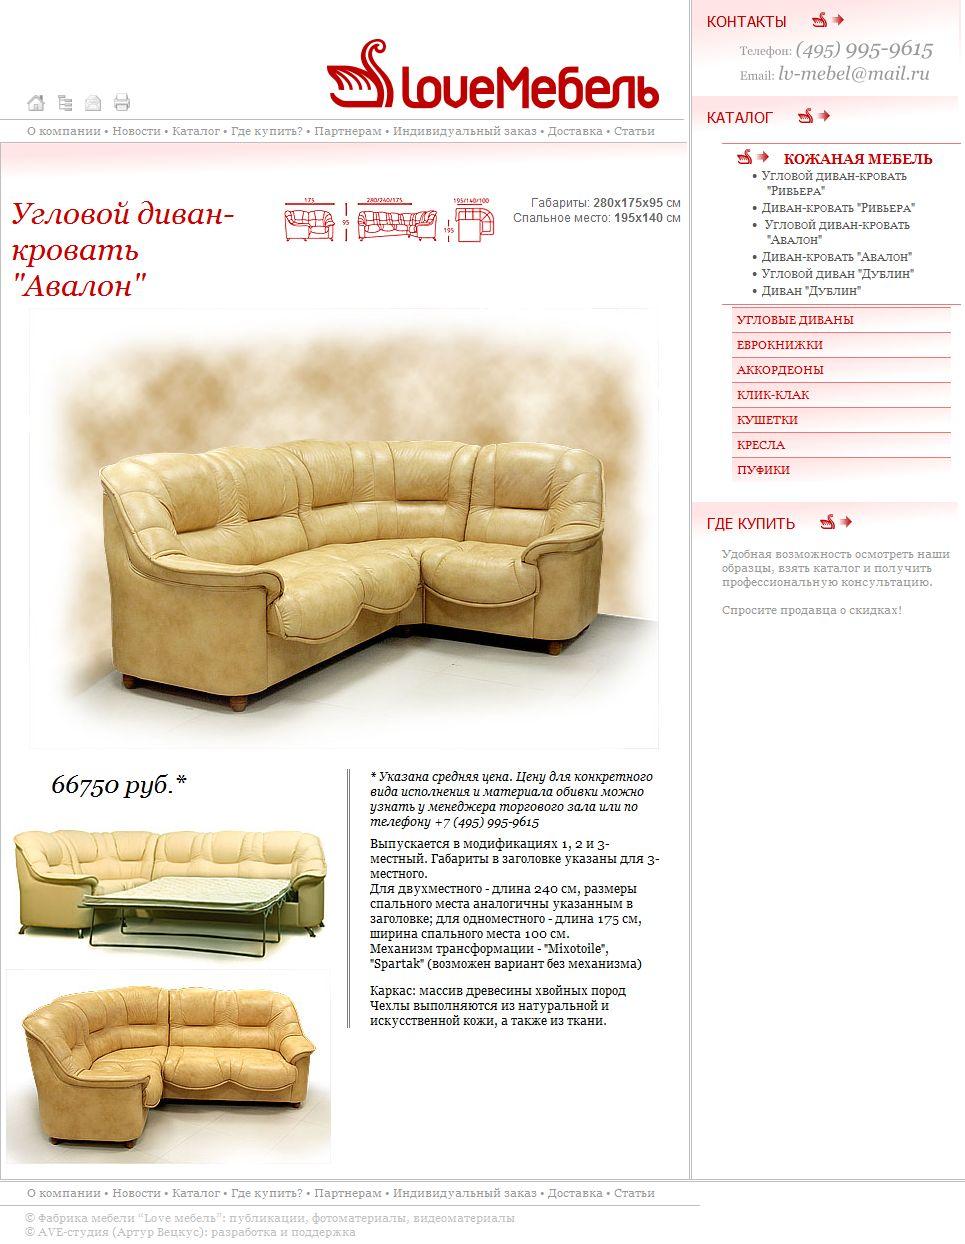 Image search мебельная фабрика рязань